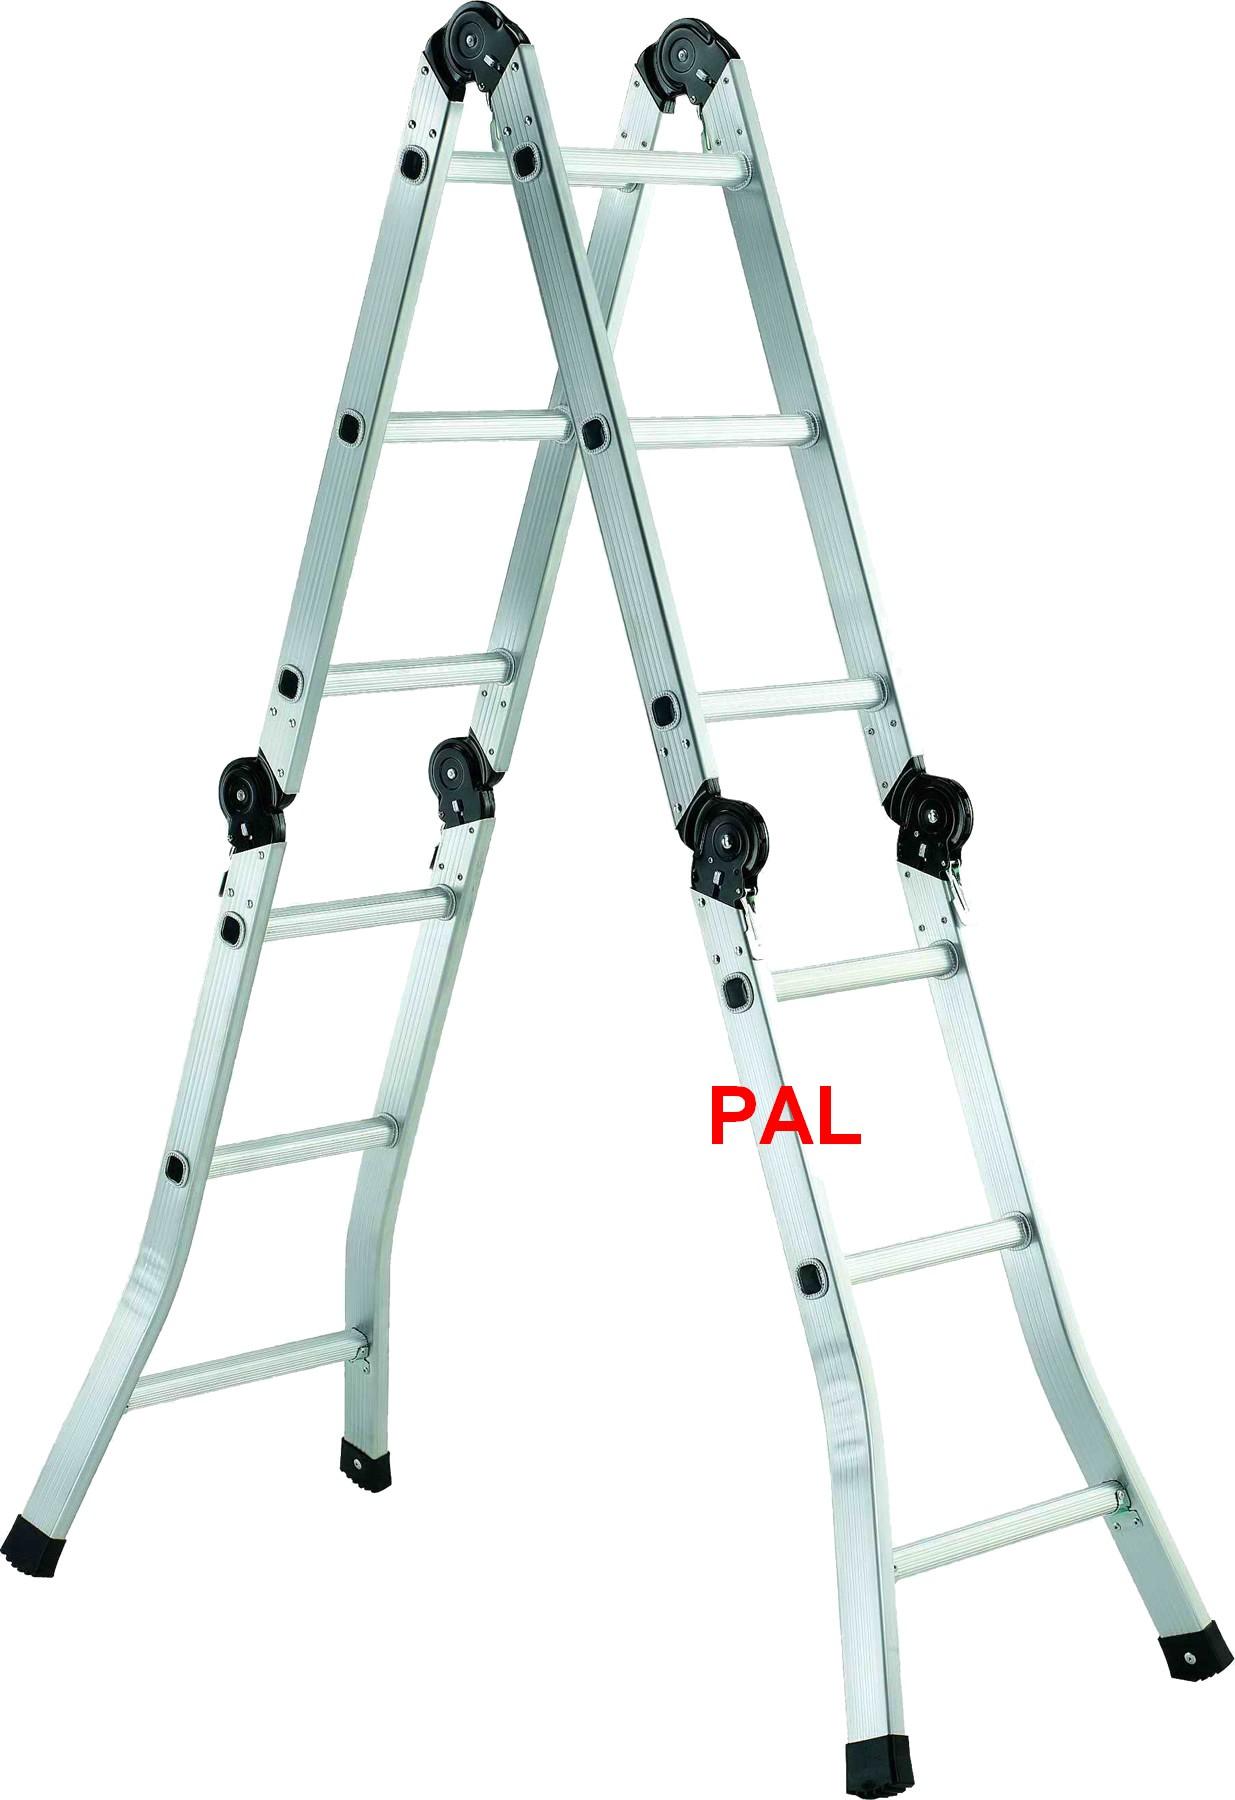 Thang nhôm 4 đoạn PAL B6-205